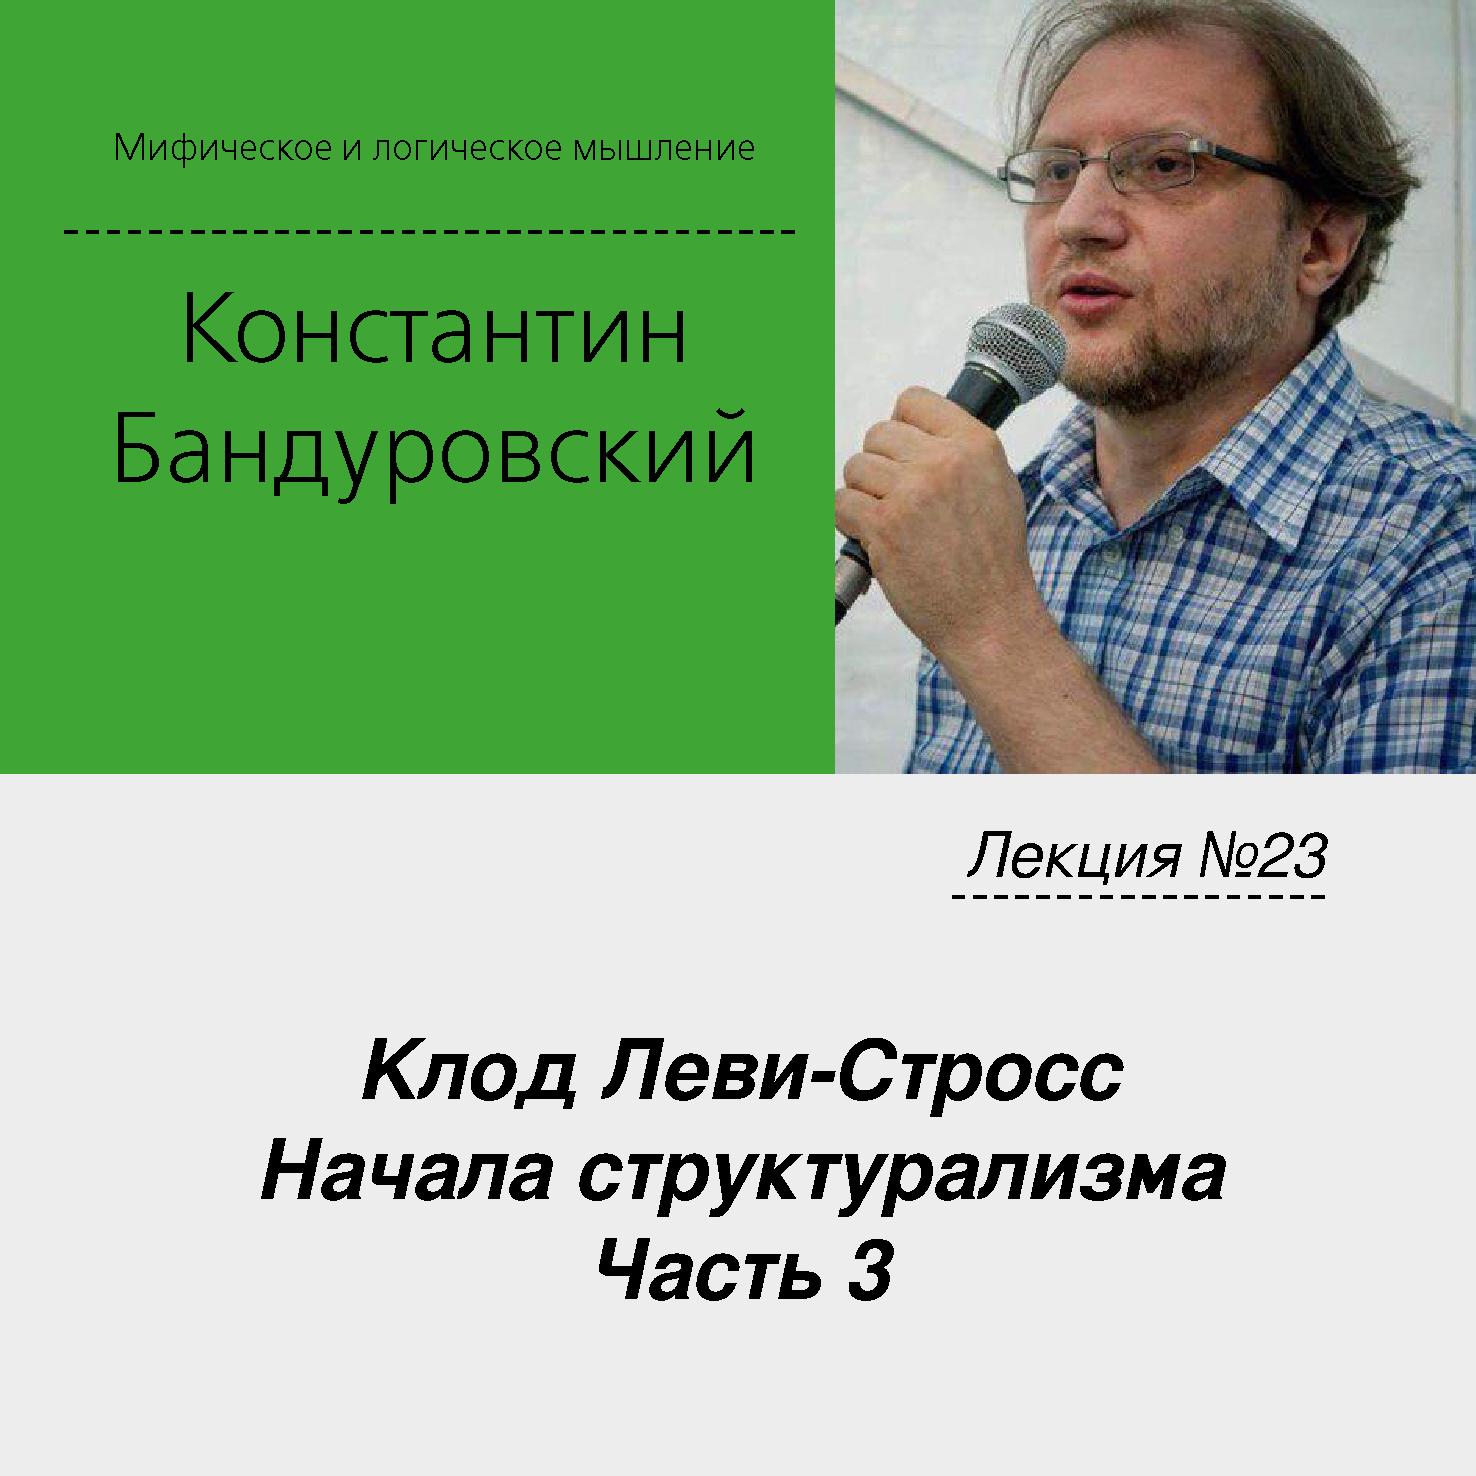 Константин Бандуровский Лекция №23 «Клод Леви-Стросс. Начала структурализма. Часть 3»